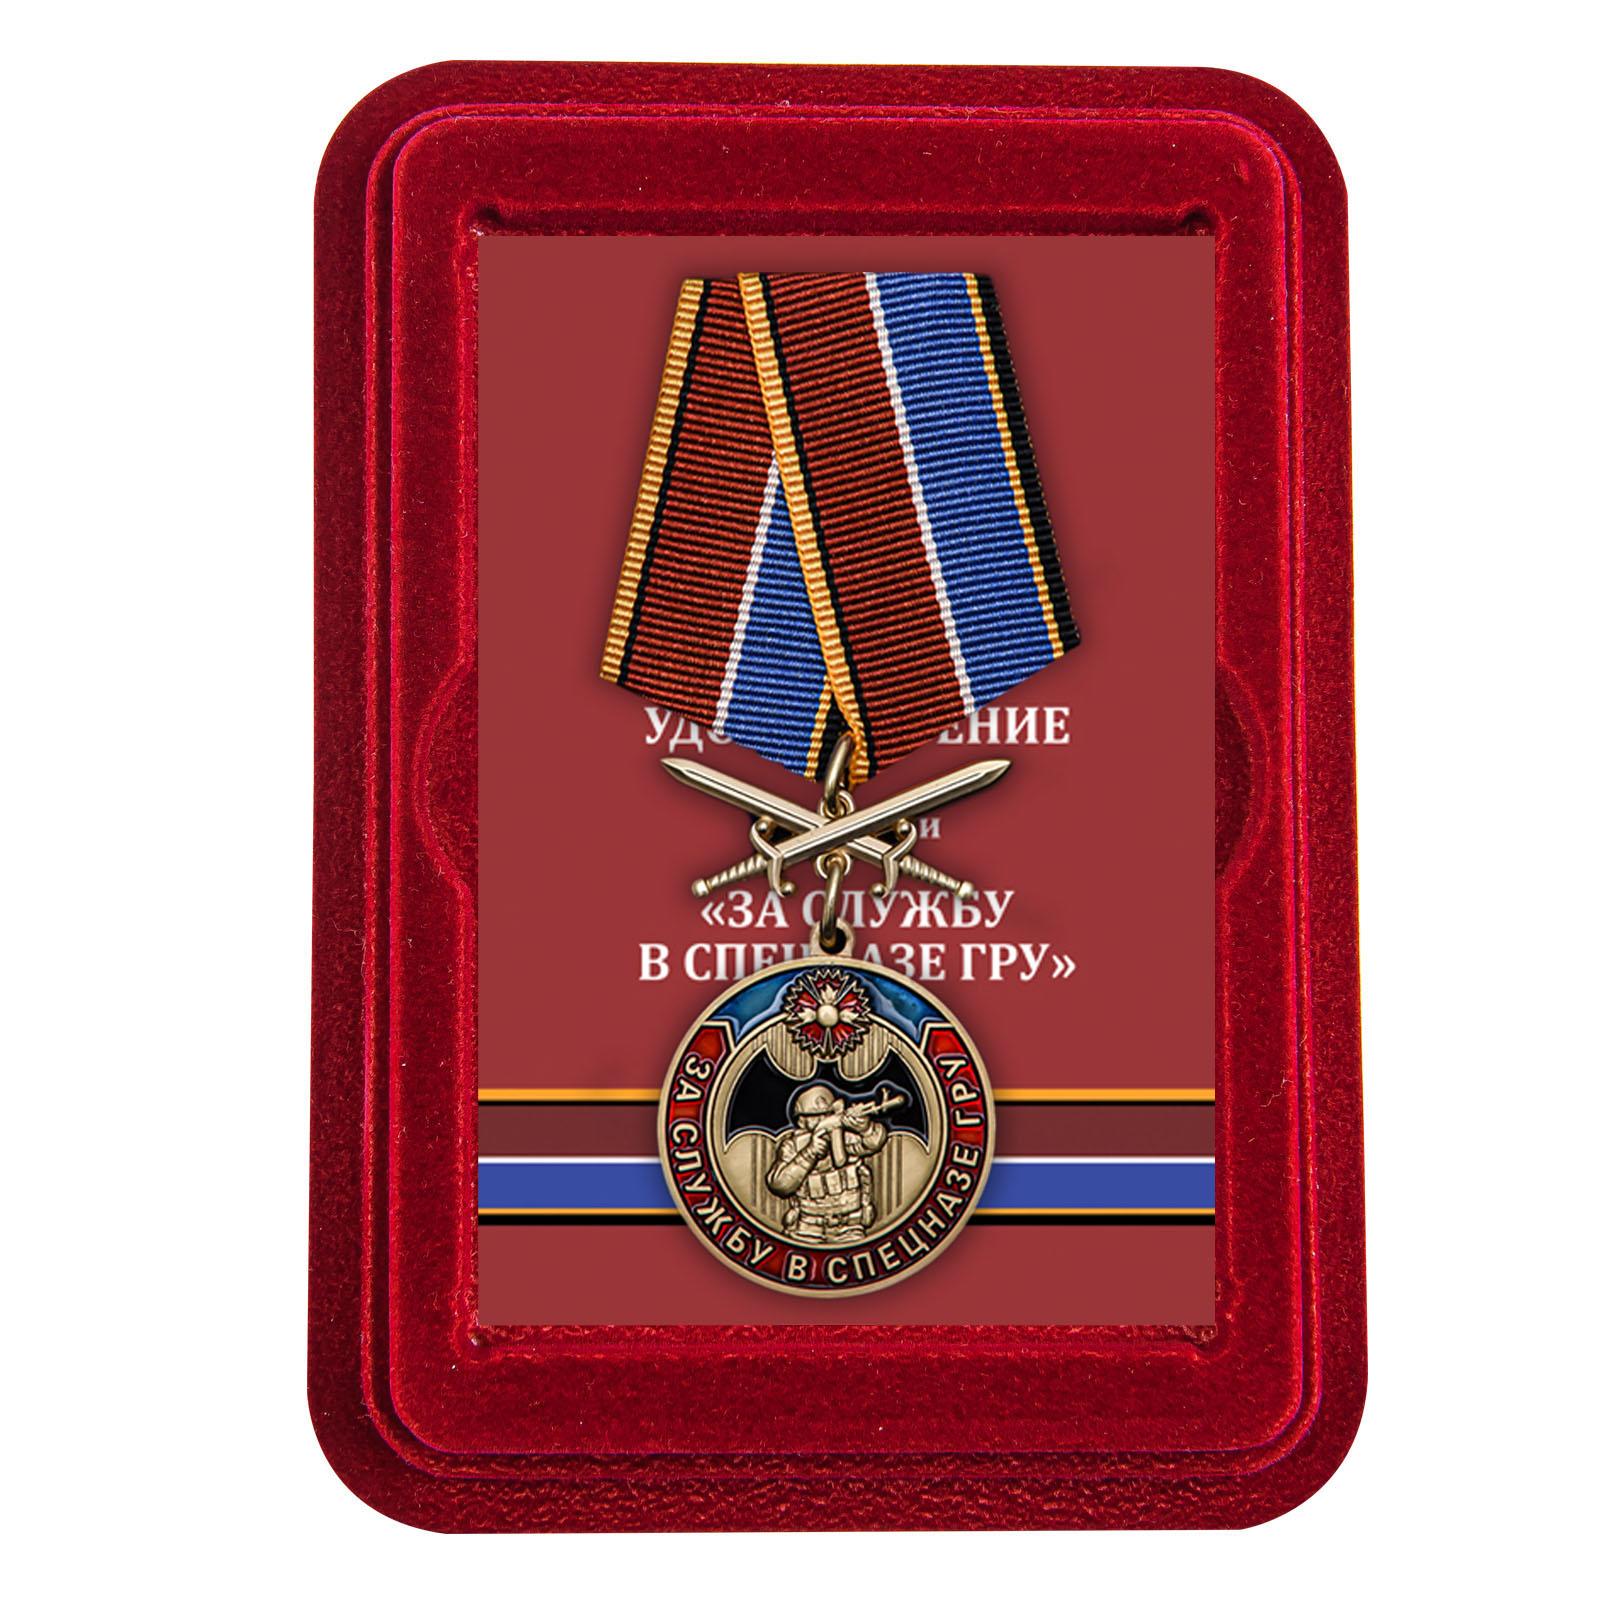 Купить медаль За службу в Спецназе ГРУ с доставкой в ваш город